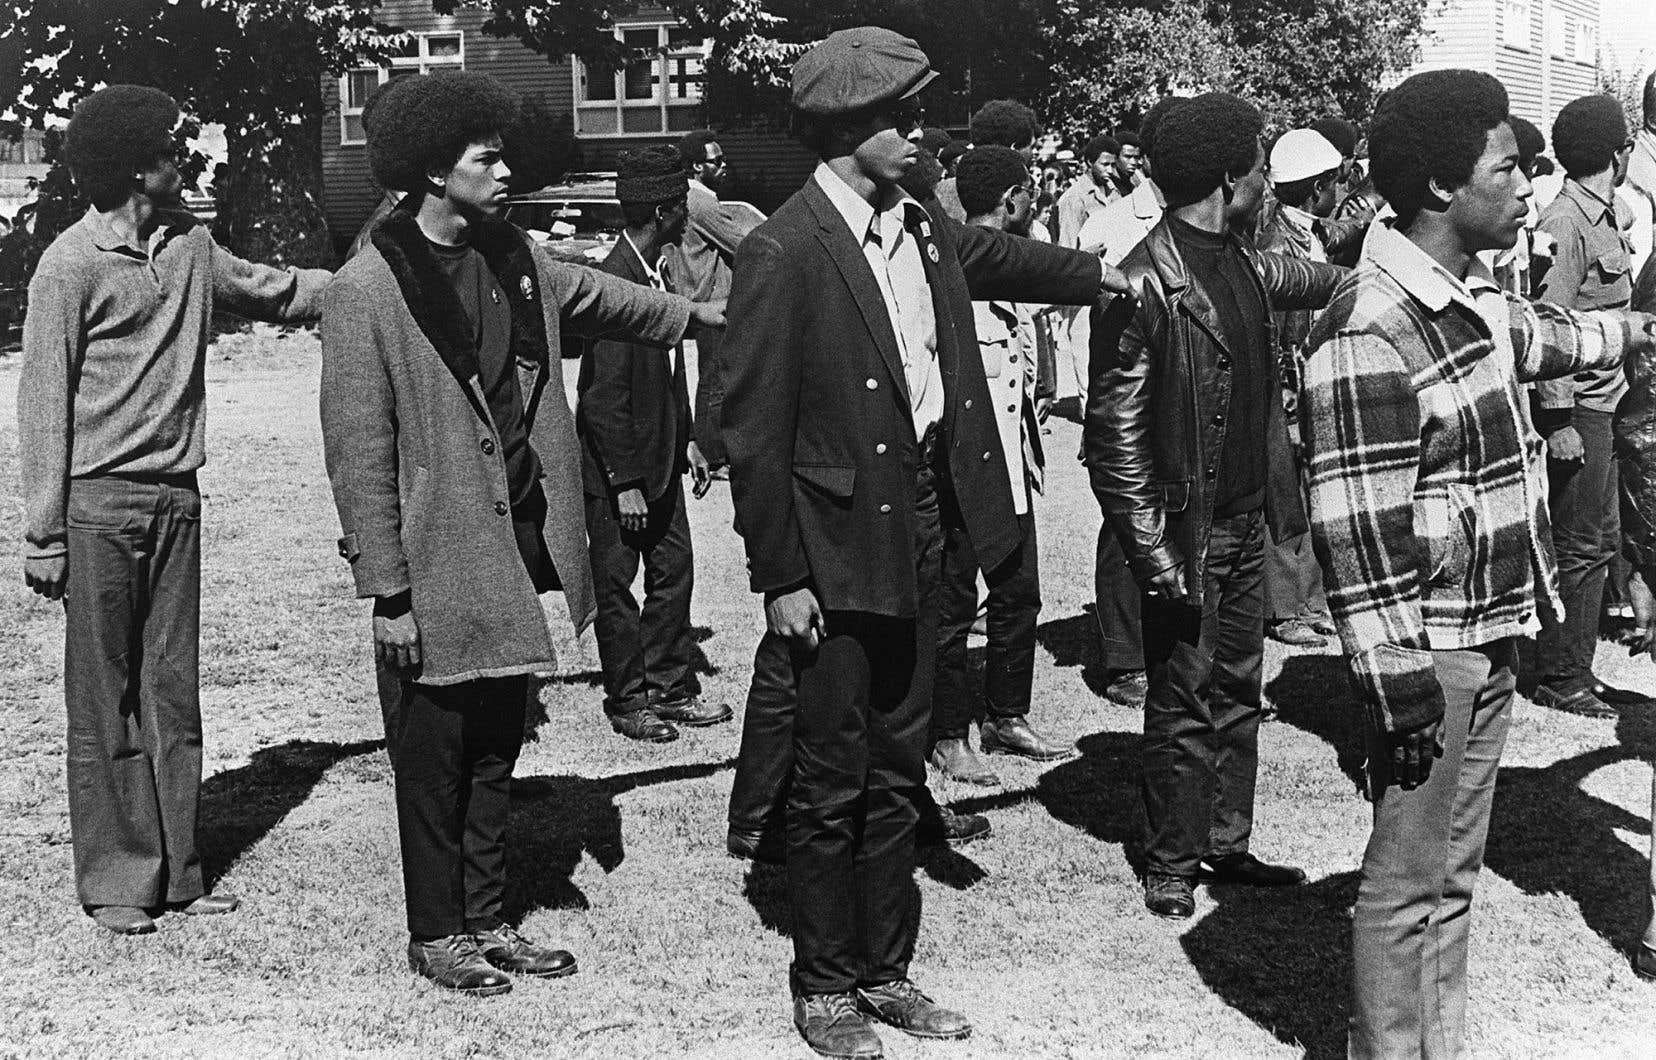 Des membres des Black Panthers se rangent en formation paramilitaire lors d'une manifestation anti-fasciste à Oakland en 1969.